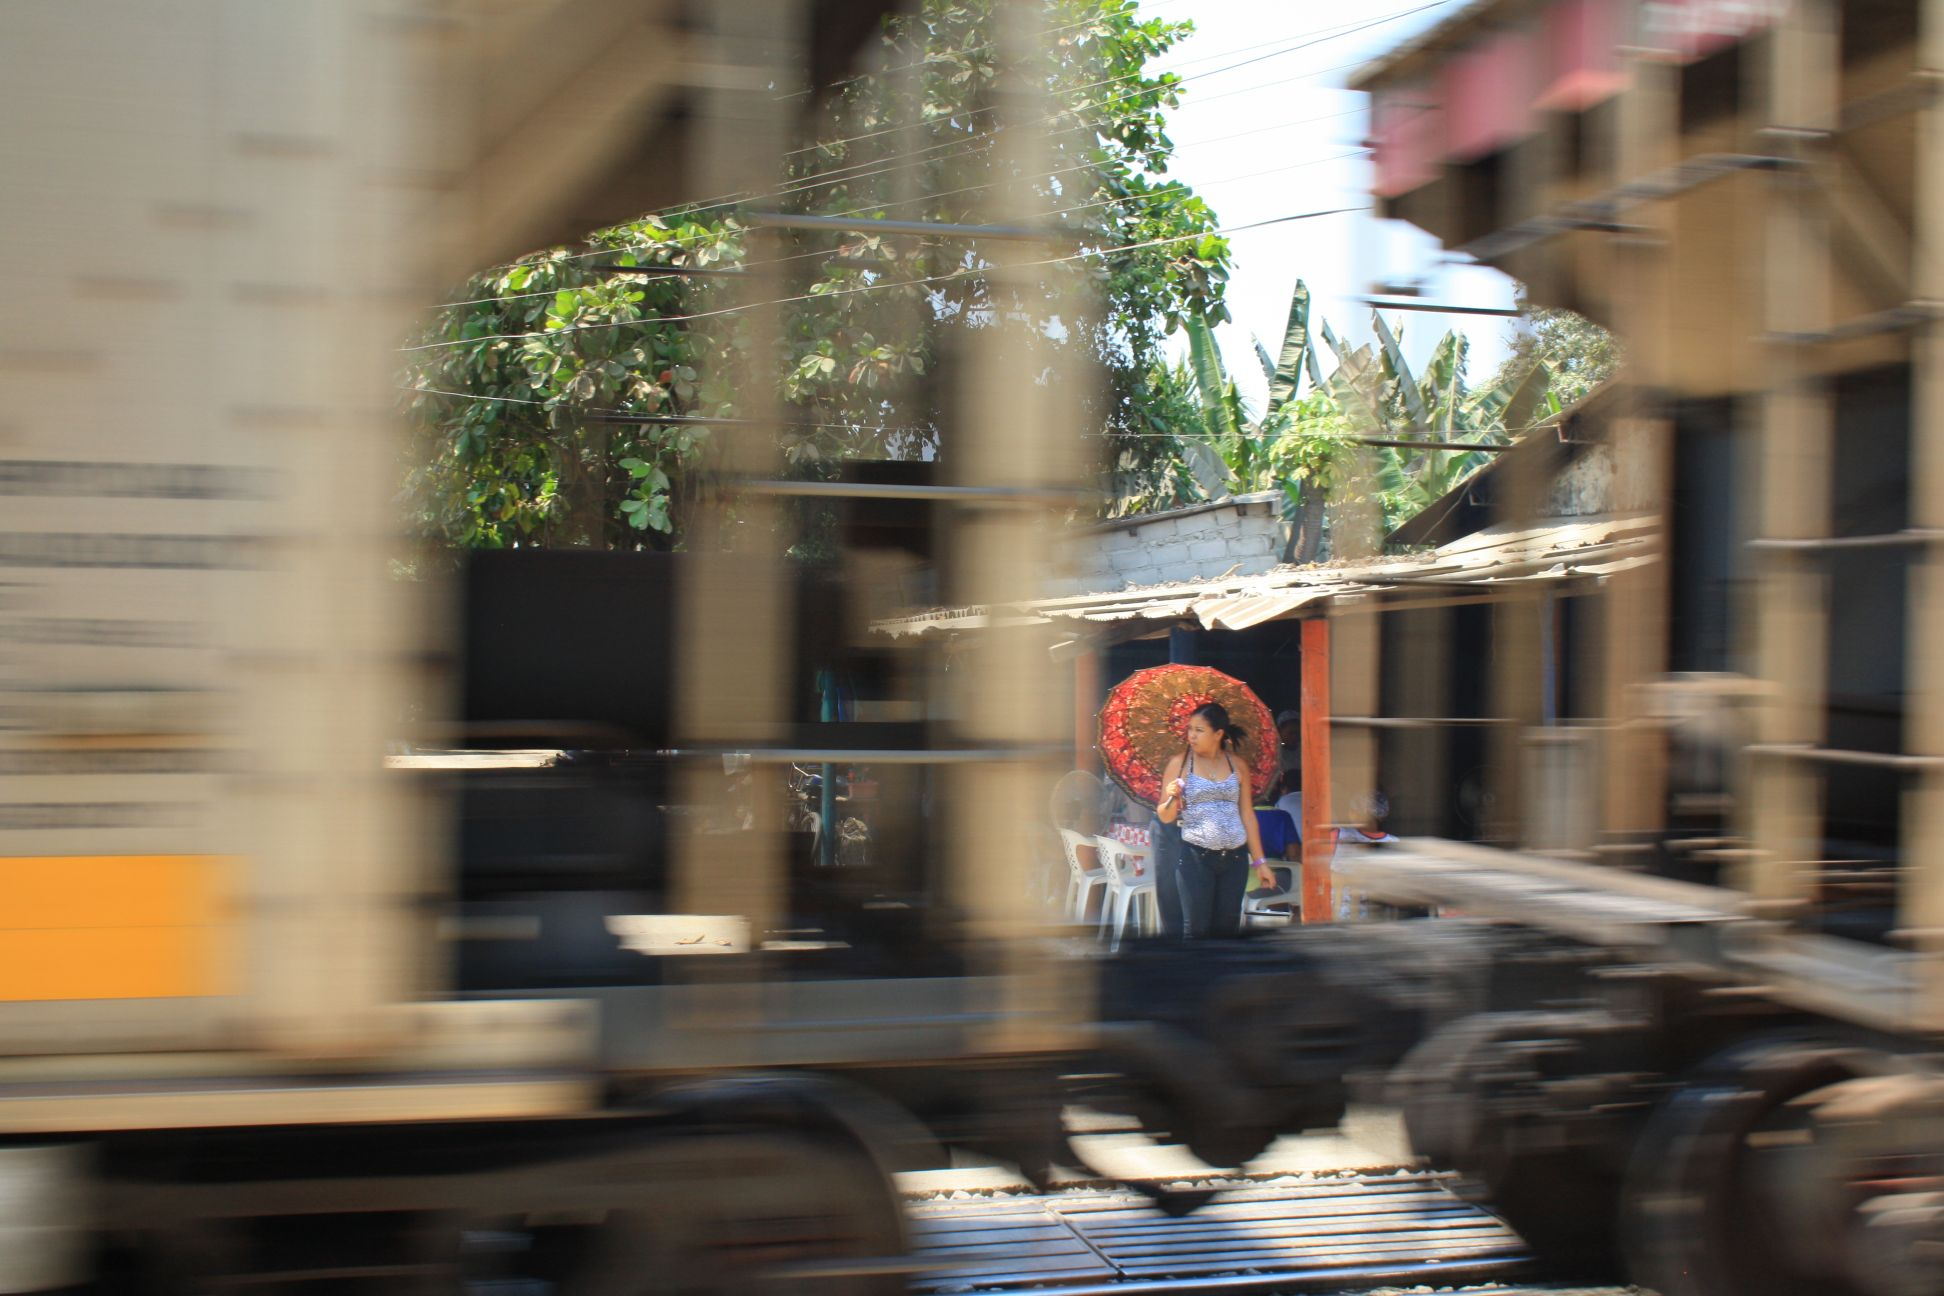 Die Züge und Maschinerien des Kohlenbaus sind allgegenwärtig